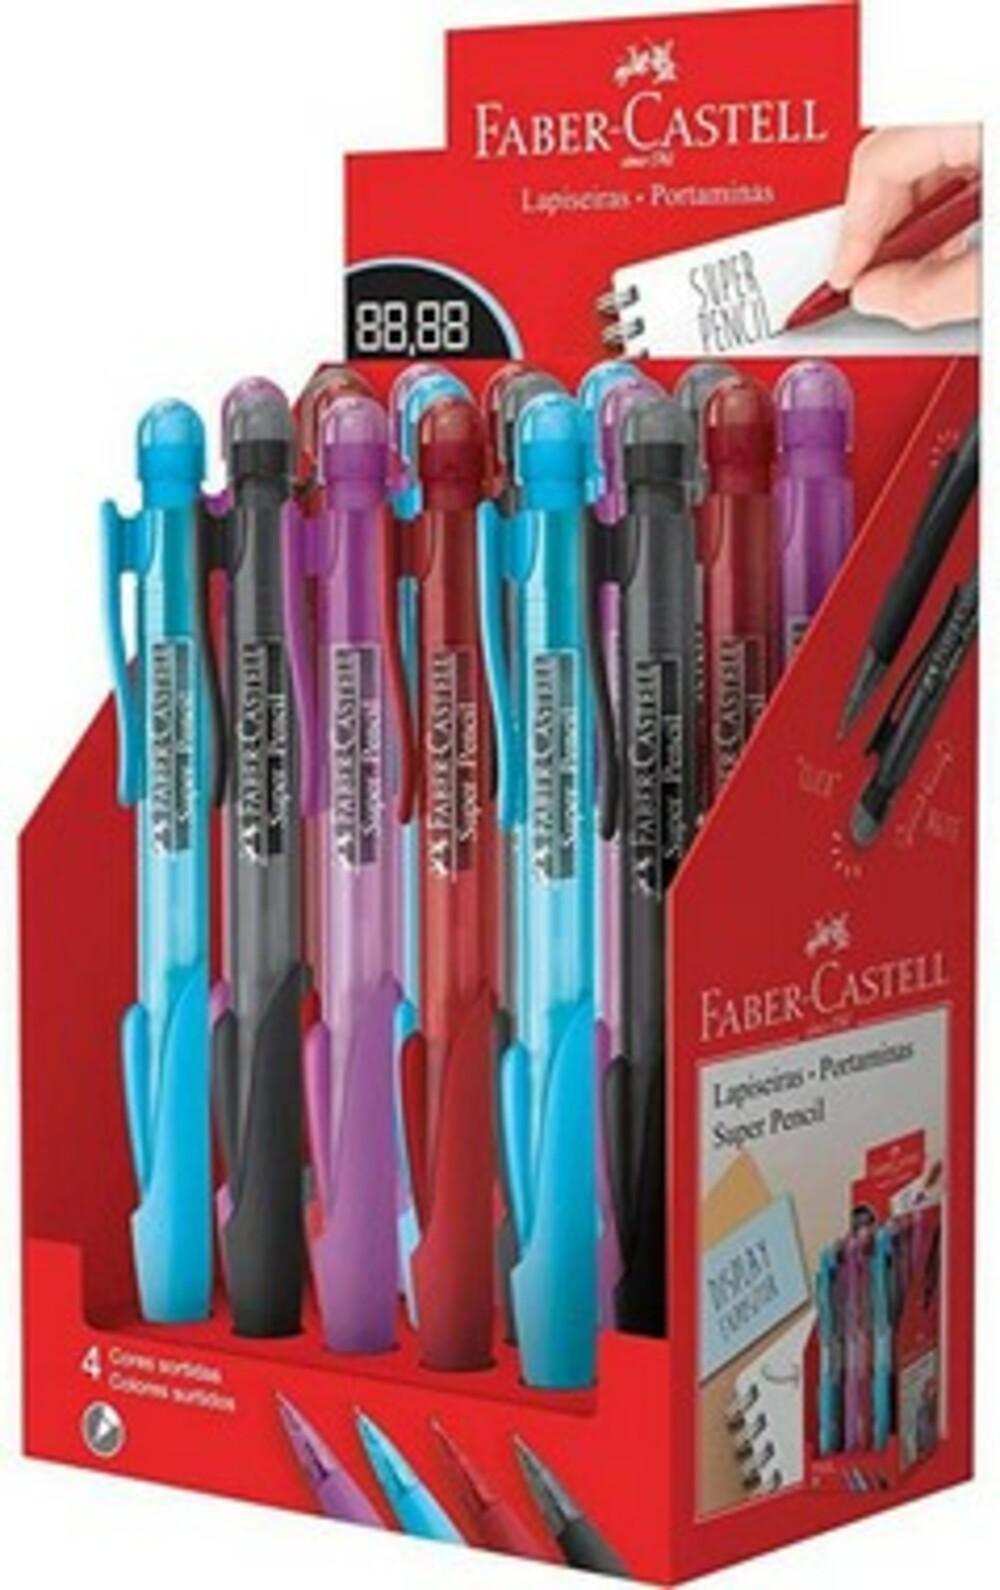 Lapiseira Portaminas Super Pencil  Faber-castell 0.7mm